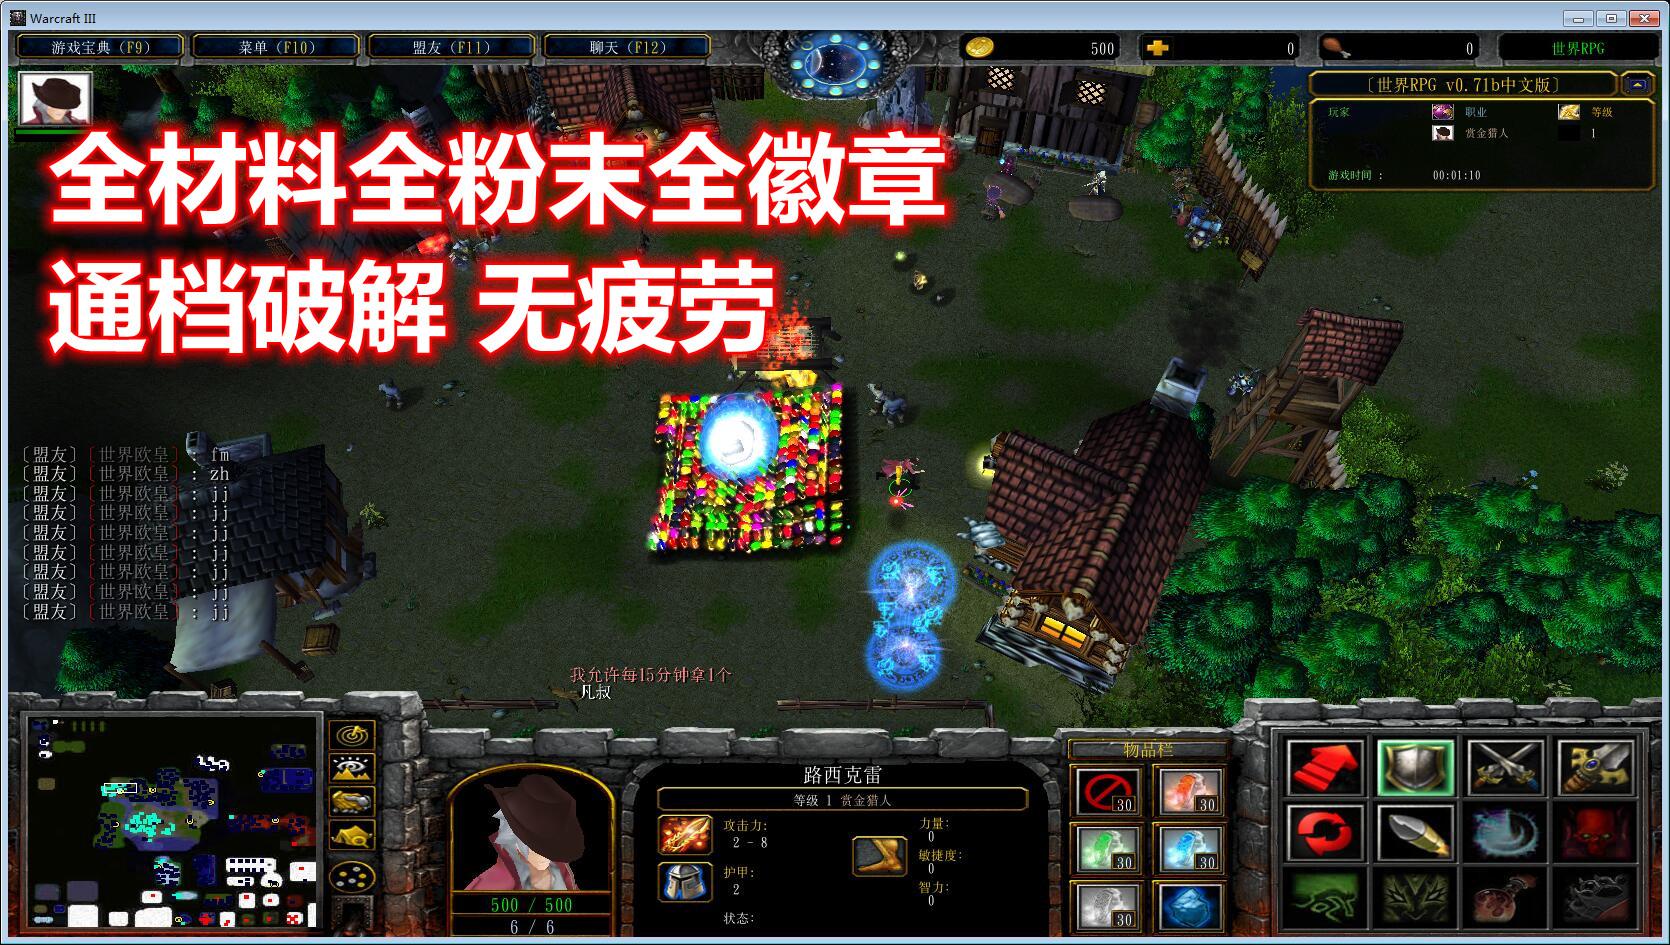 世界RPGv0.71b中文版TOP破解 可通档+无疲劳值+高爆几率+刷粉尘结晶+刷物品+BOSS徽章